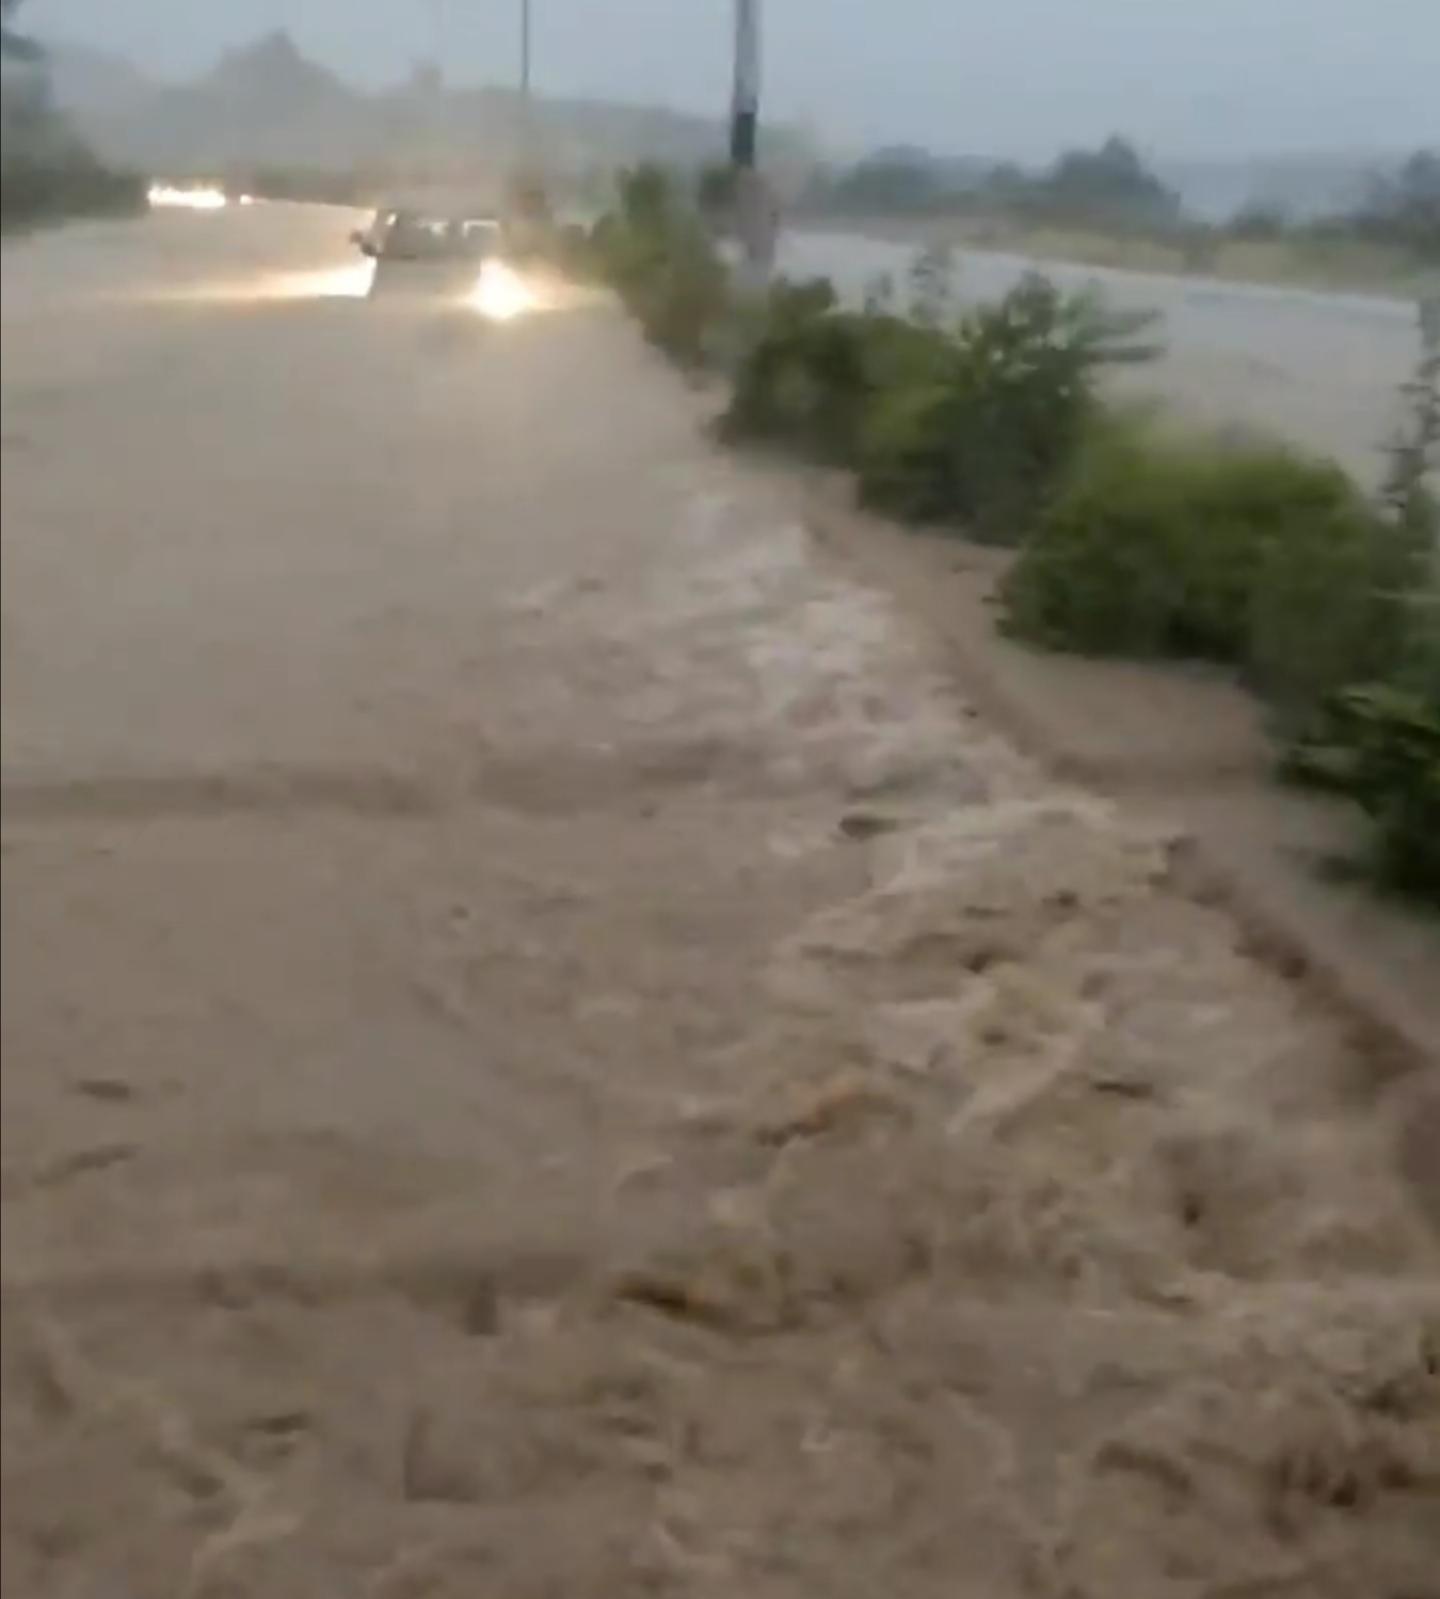 Автомобилите возат скоро потопени: Застрашувачко видео од влезот во Битола!